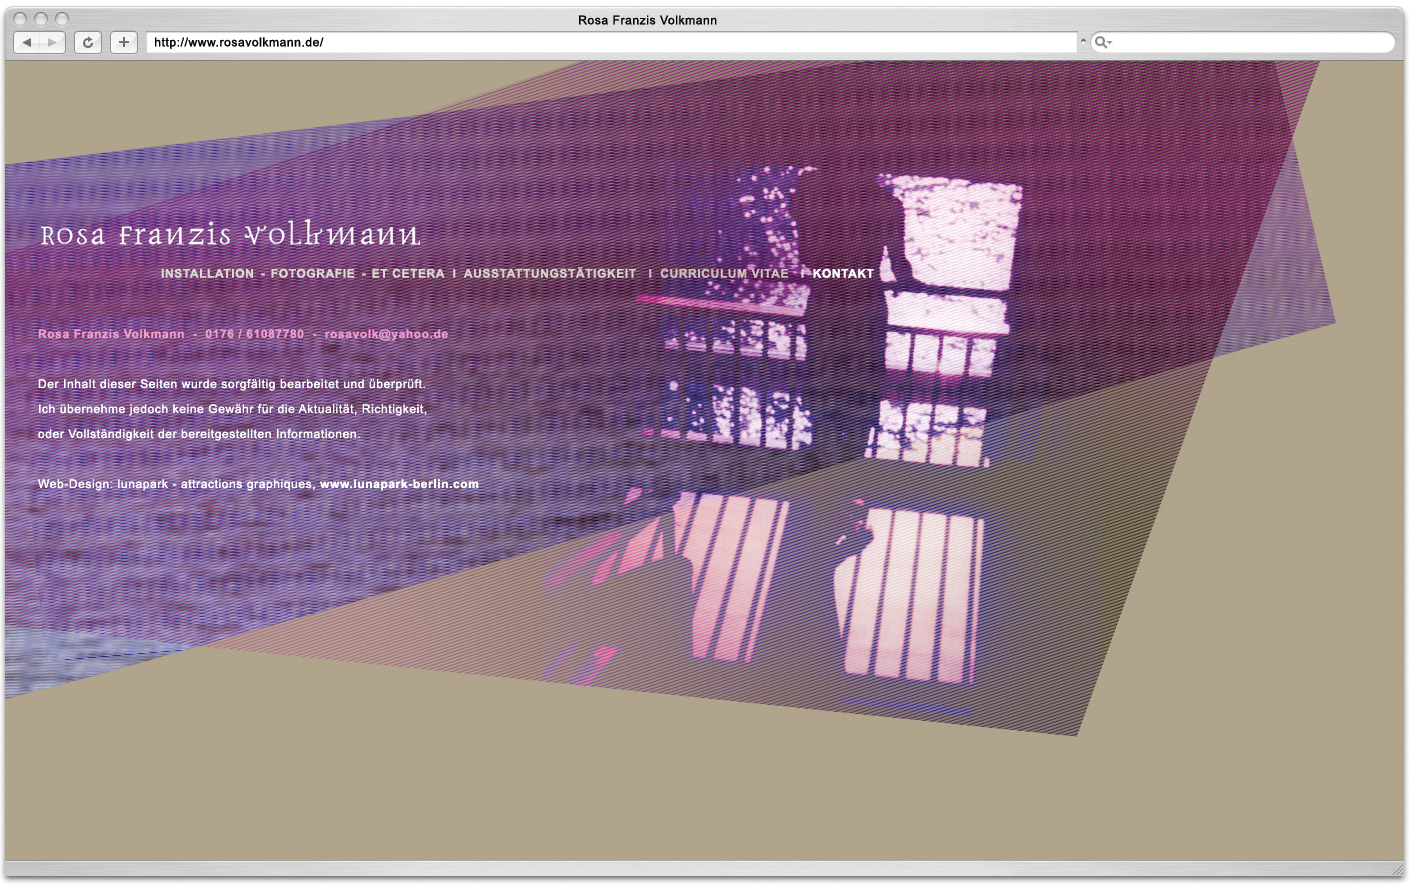 webdesign_kuenstler_06